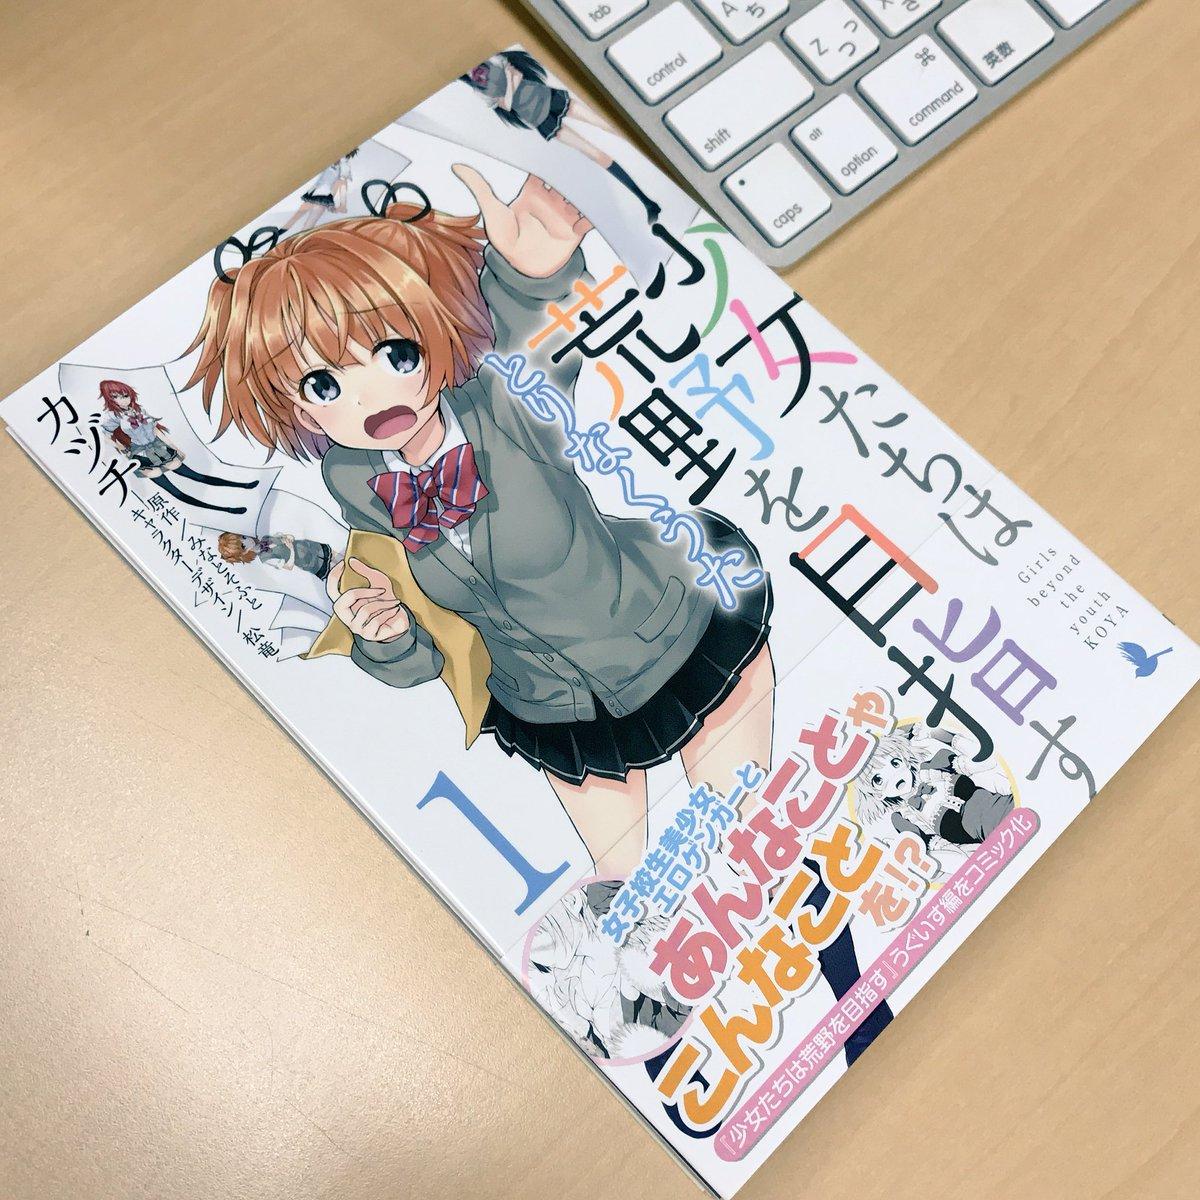 コミック版カヅチ先生の「少女たちは荒野を目指す とりなくうた」1巻発売中! 同じお話が違うテイストで進行していくので、知